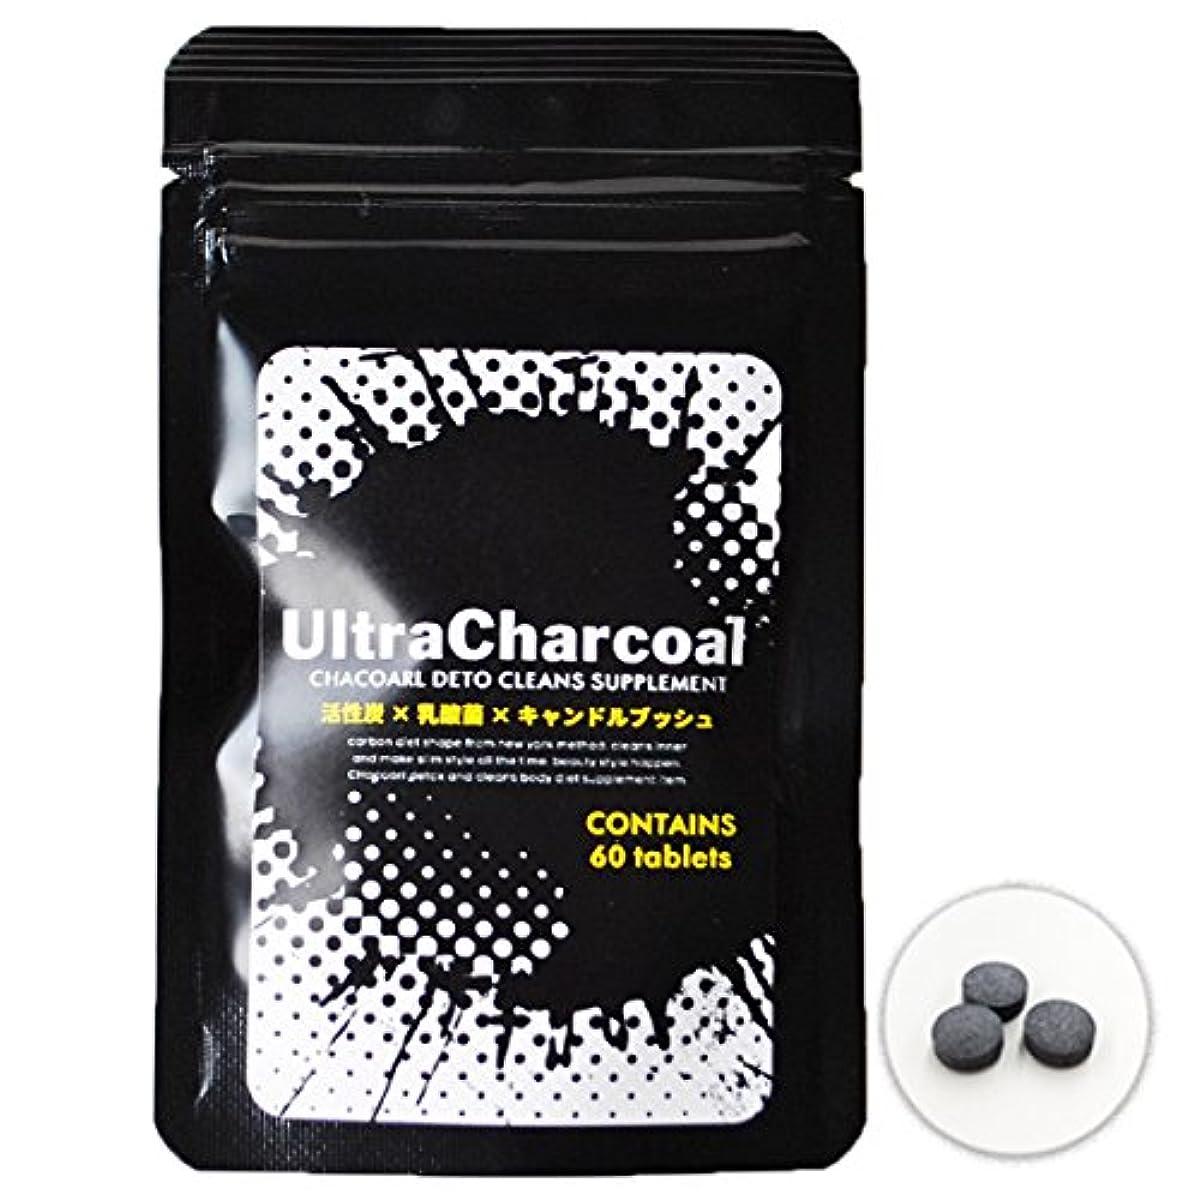 欺く有用加入チャコールダイエット サプリ 活性炭 竹炭 備長炭 有胞子性乳酸菌 キャンドルブッシュ 配合 サプリメント (60粒入り)